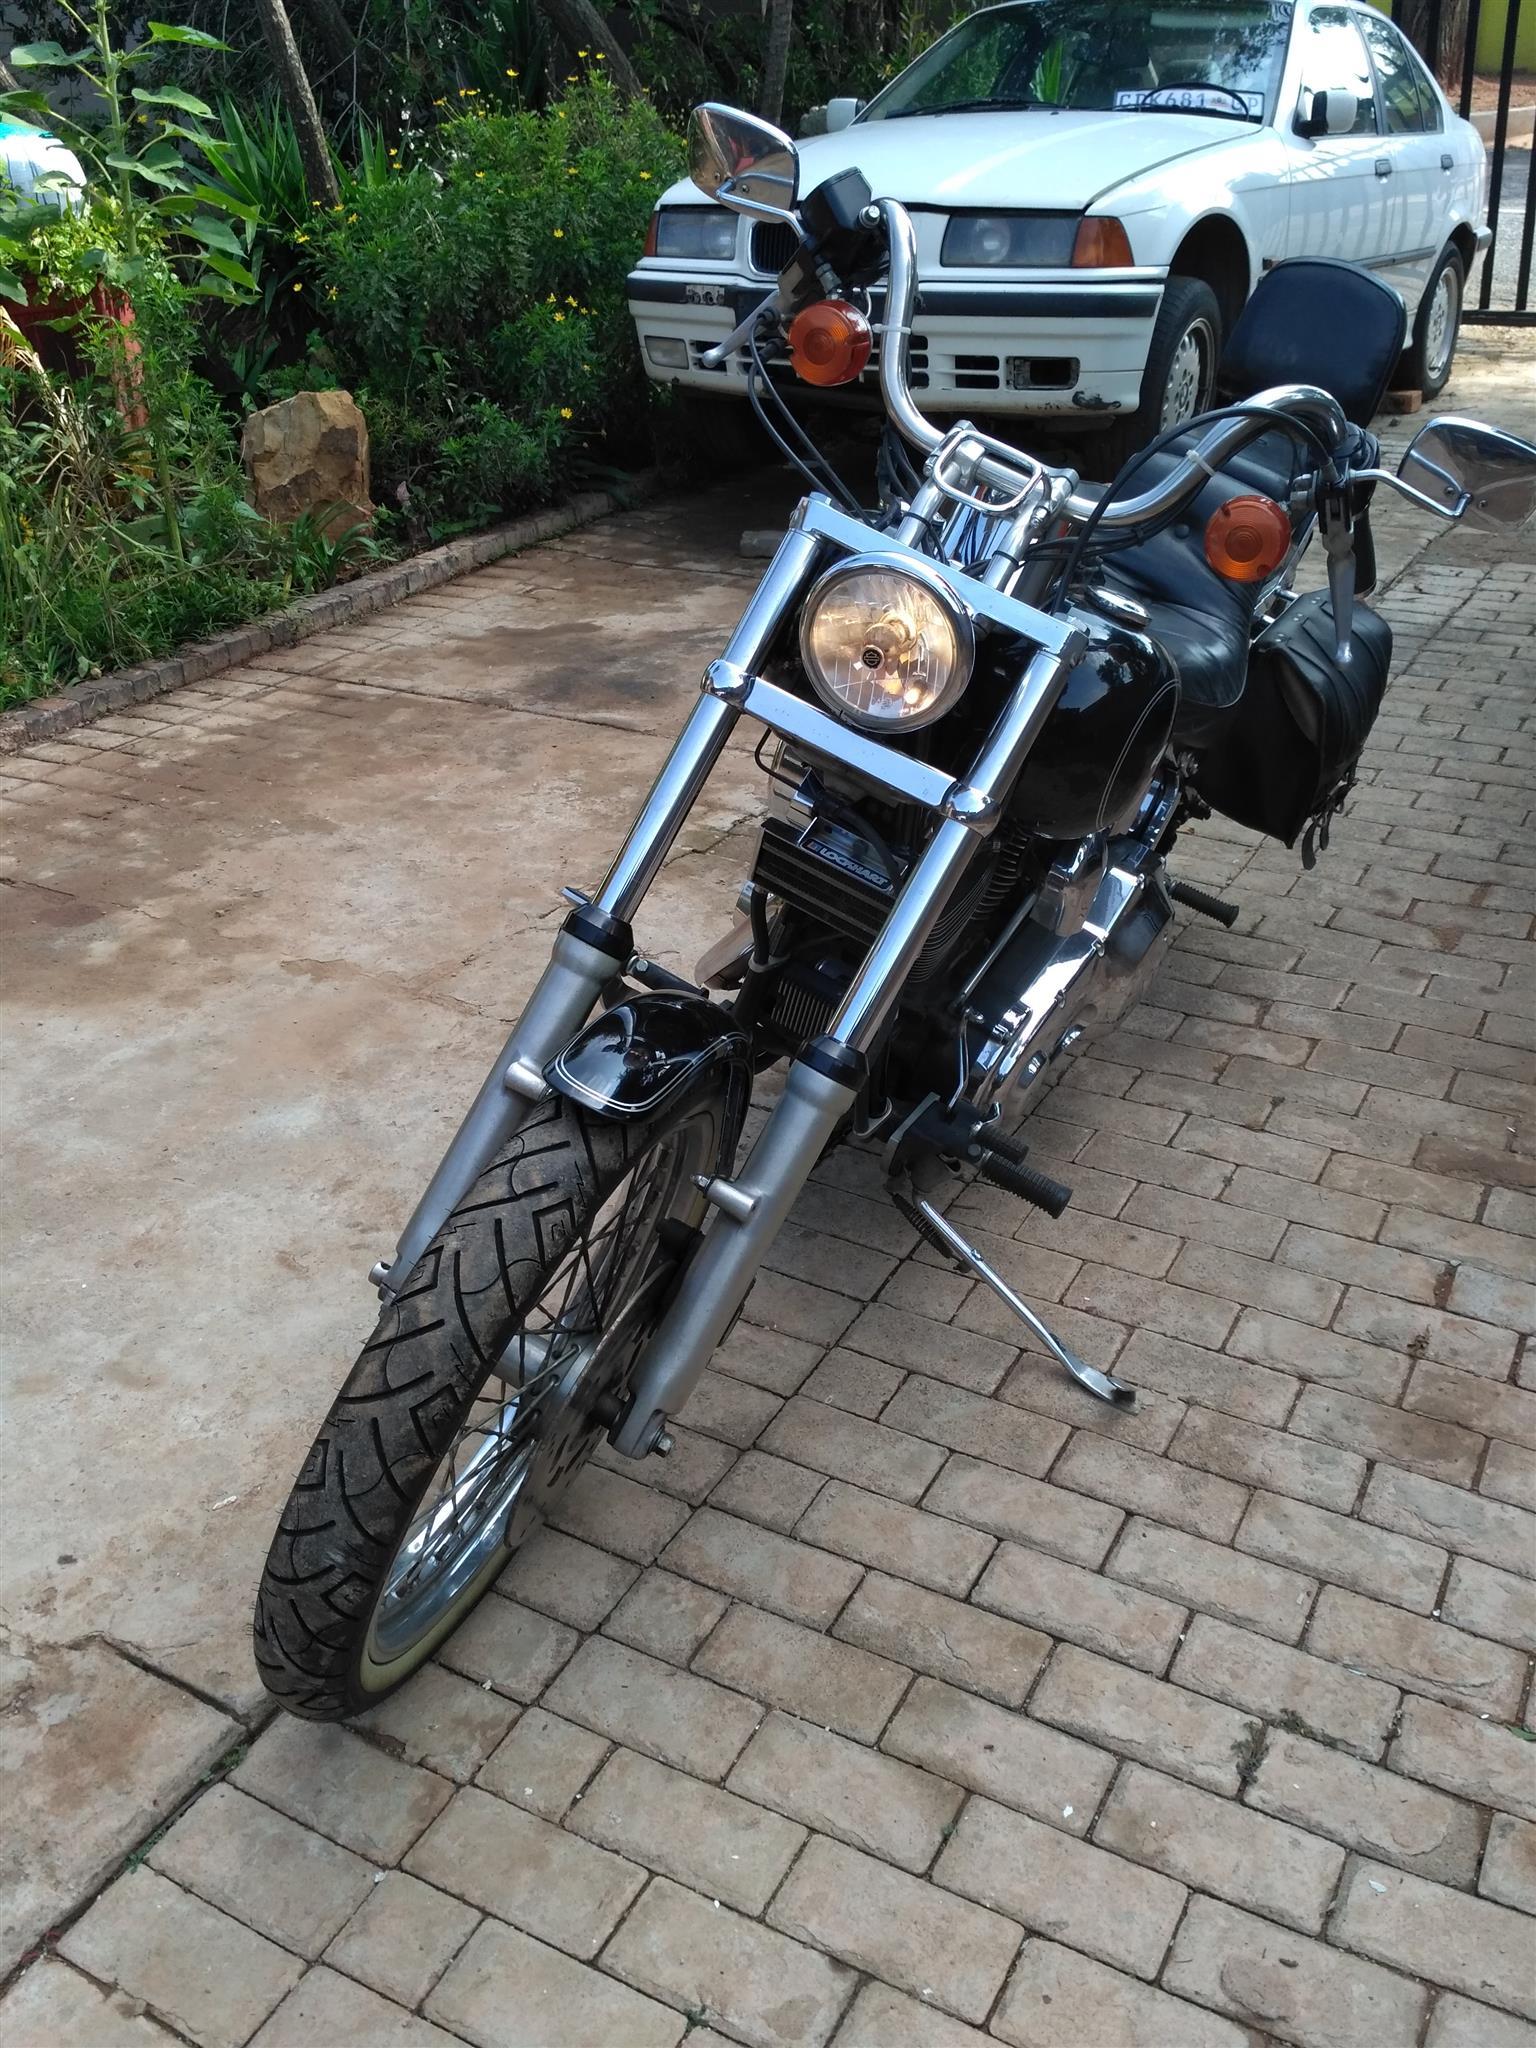 1997 Harley Davidson Softail